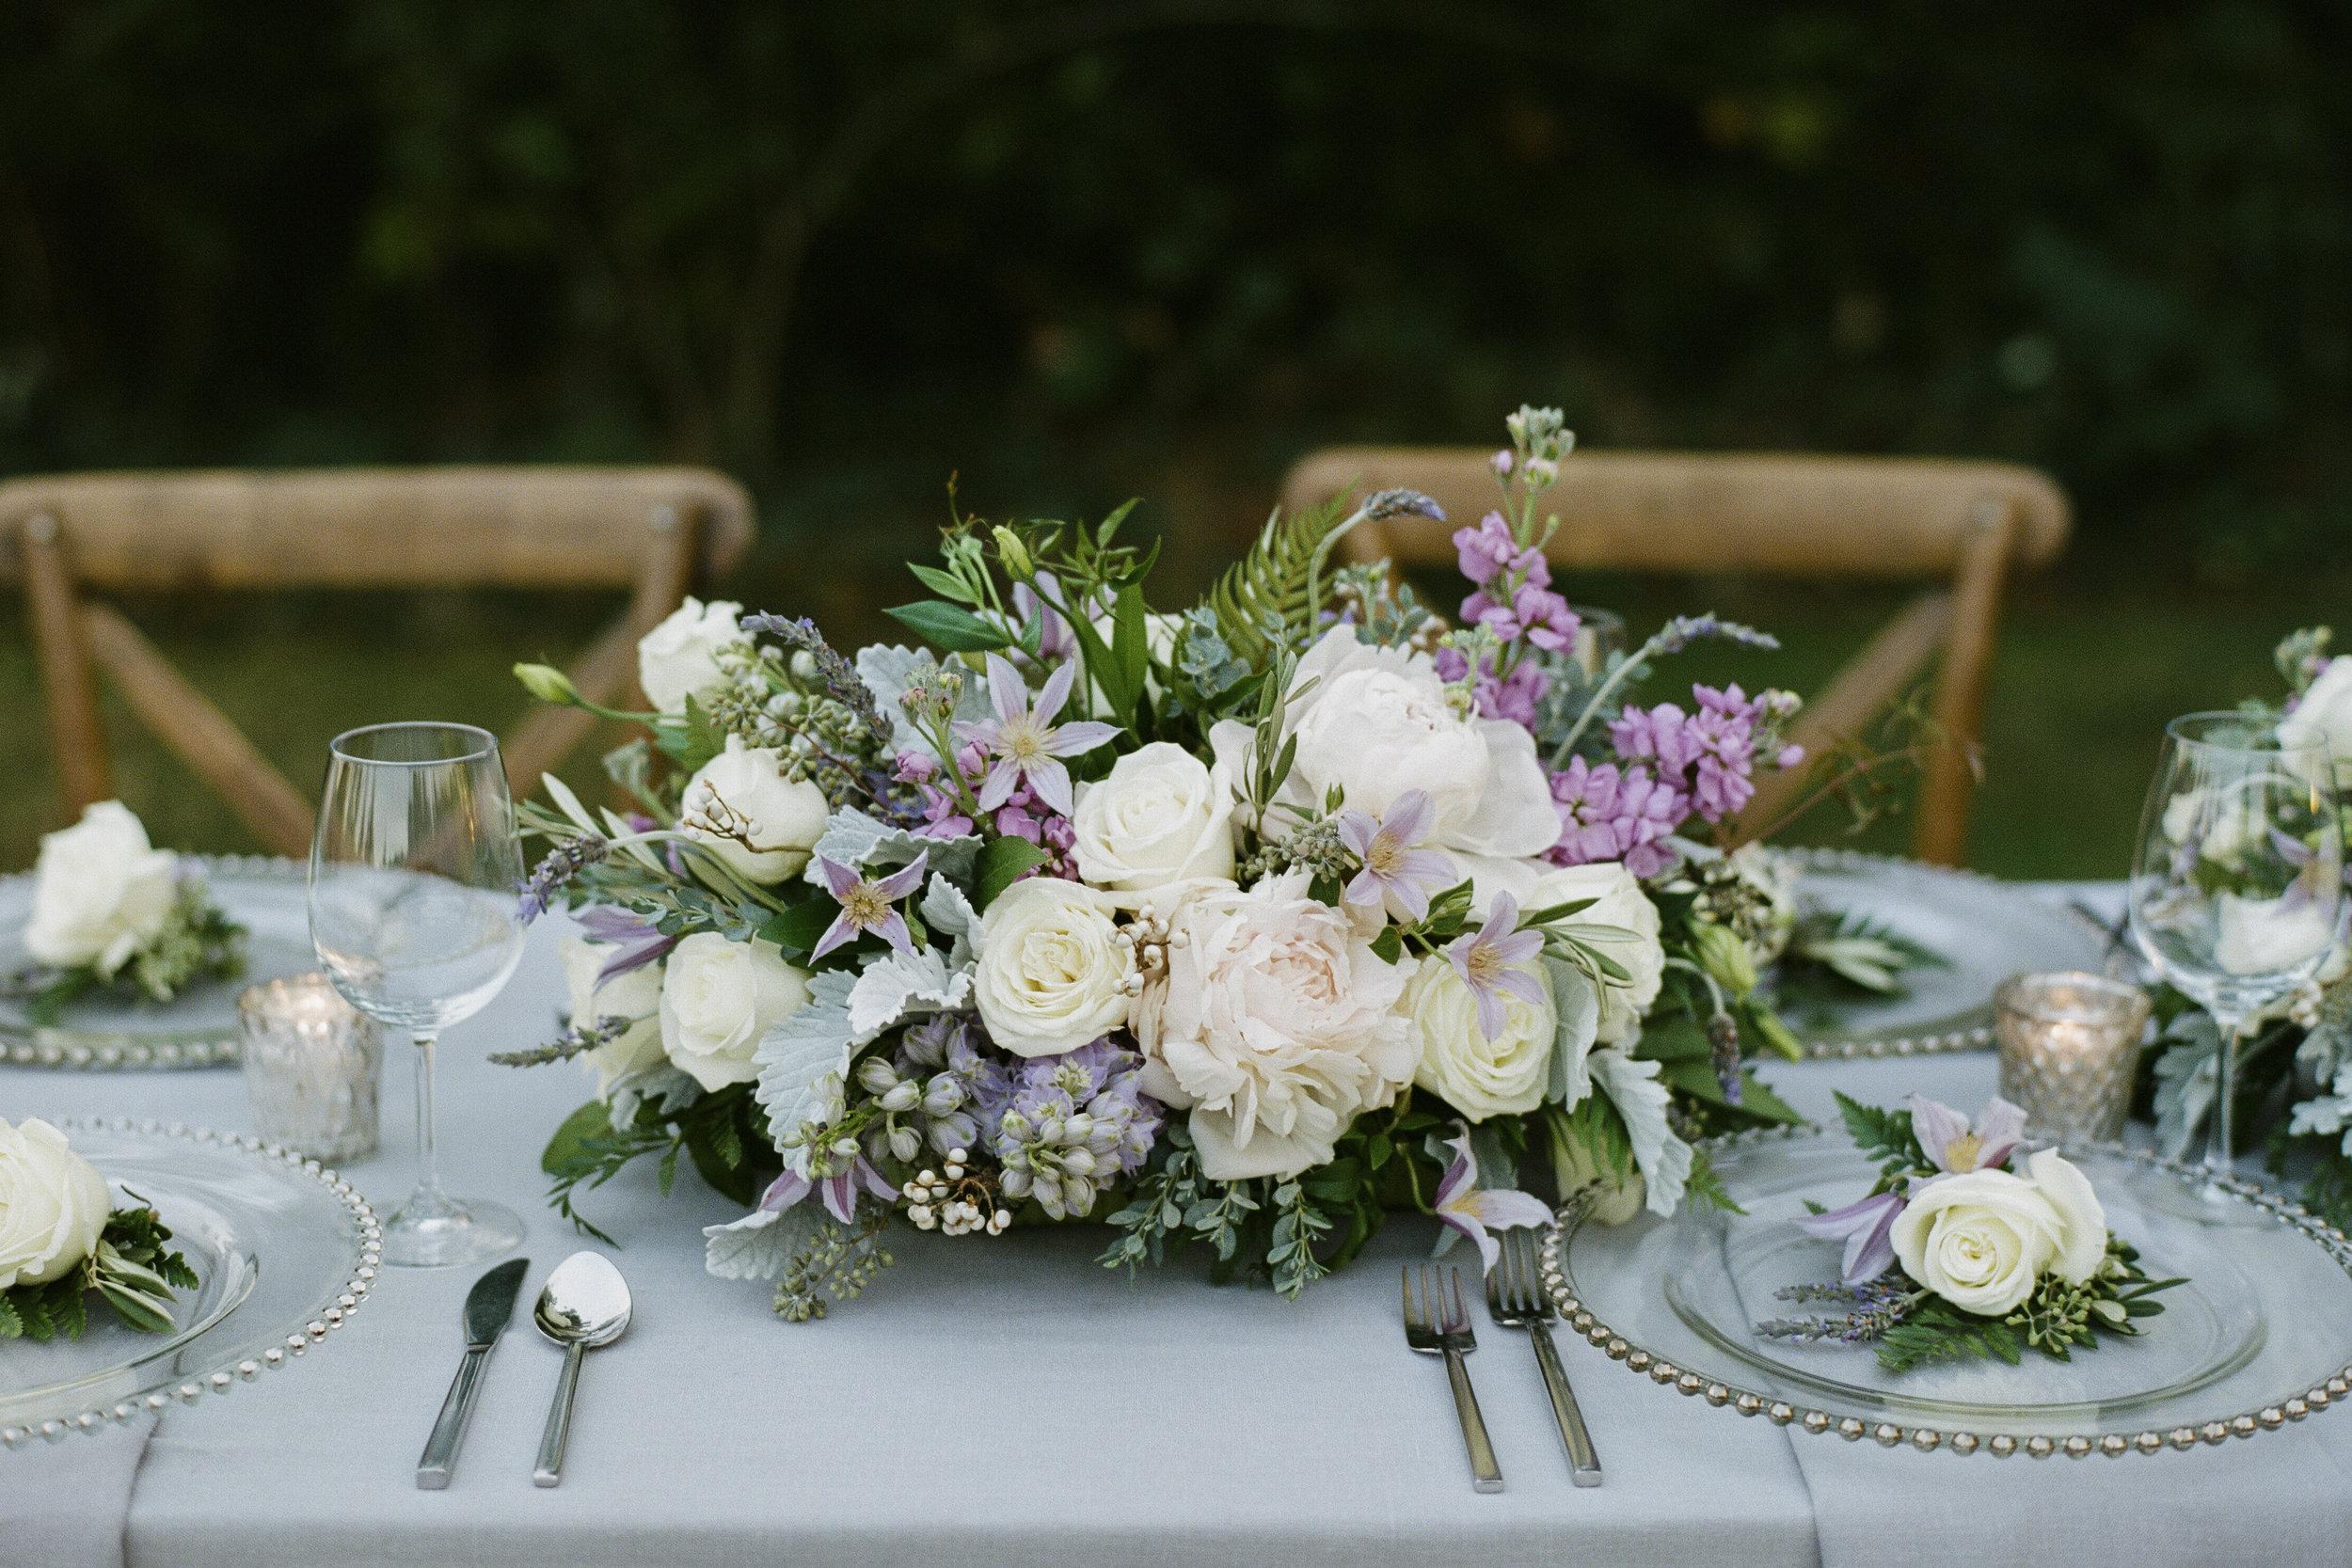 Violette-fleurs-roseville-sacramento-california-Flower-farm-inn-wedding-florist-spring-elegant-flowers-upscale-design-purple-blush-ivory.jpg